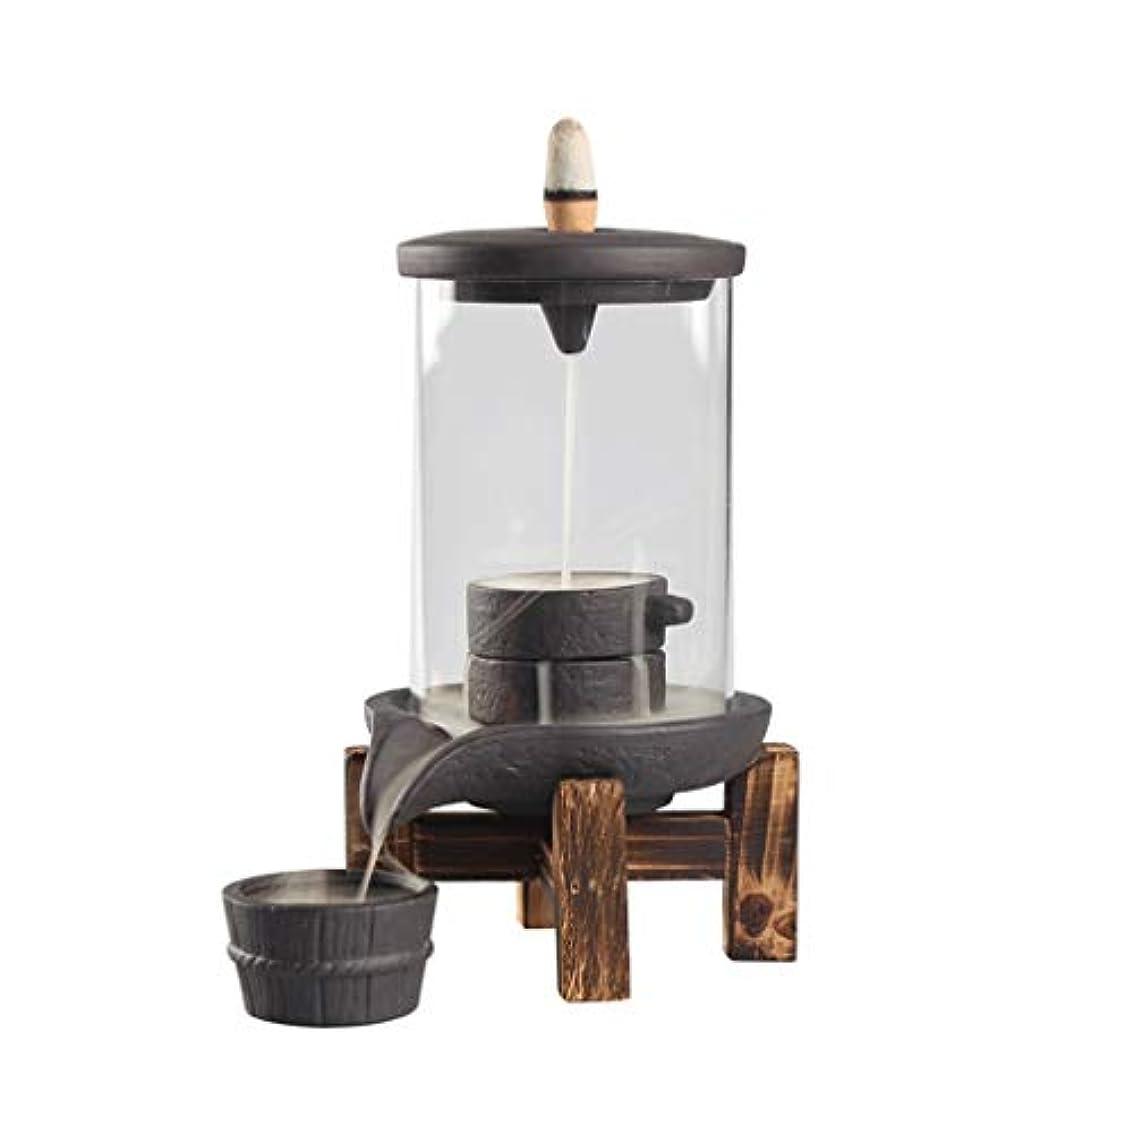 神話不毛罪悪感逆流ガラス香のホールダー縦の寒天の陶磁器の香バーナーの儀式空気浄化の香の床の香のホールダー (Color : Black, サイズ : 3.74*6.7INCHS)